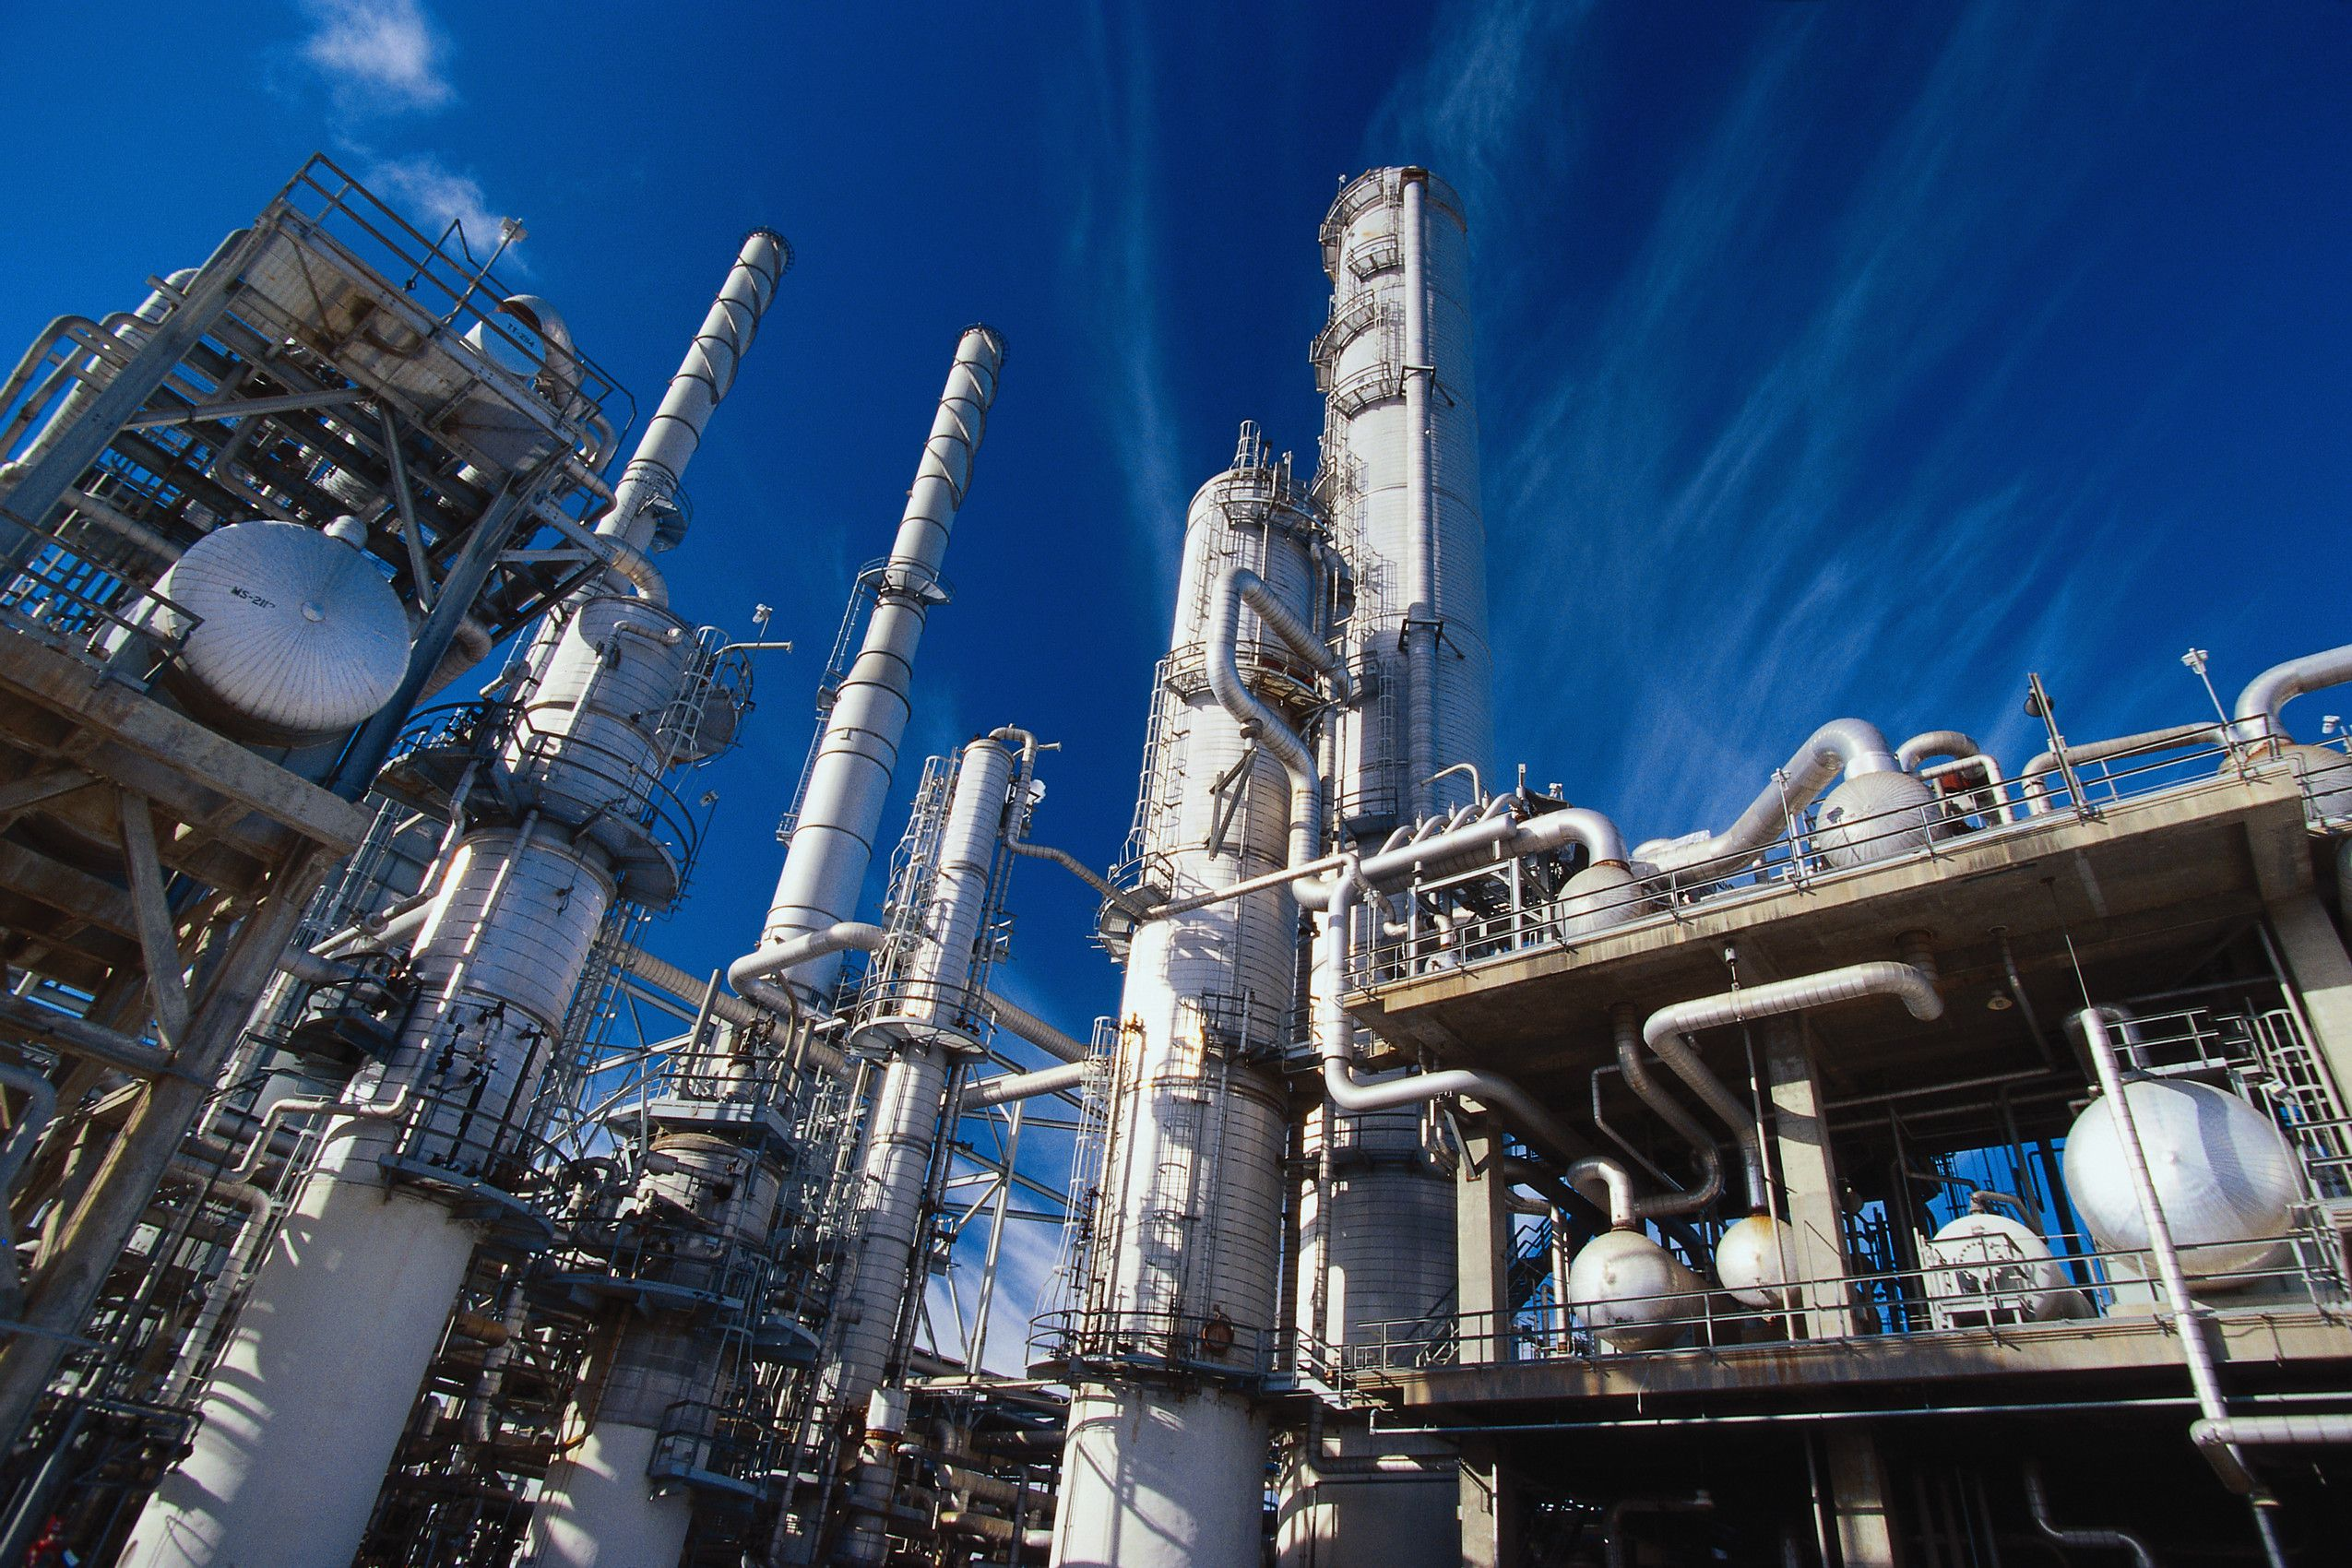 Tại sao nói: Công nghiệp hóa chất là ngành kinh tế mũi nhọn?